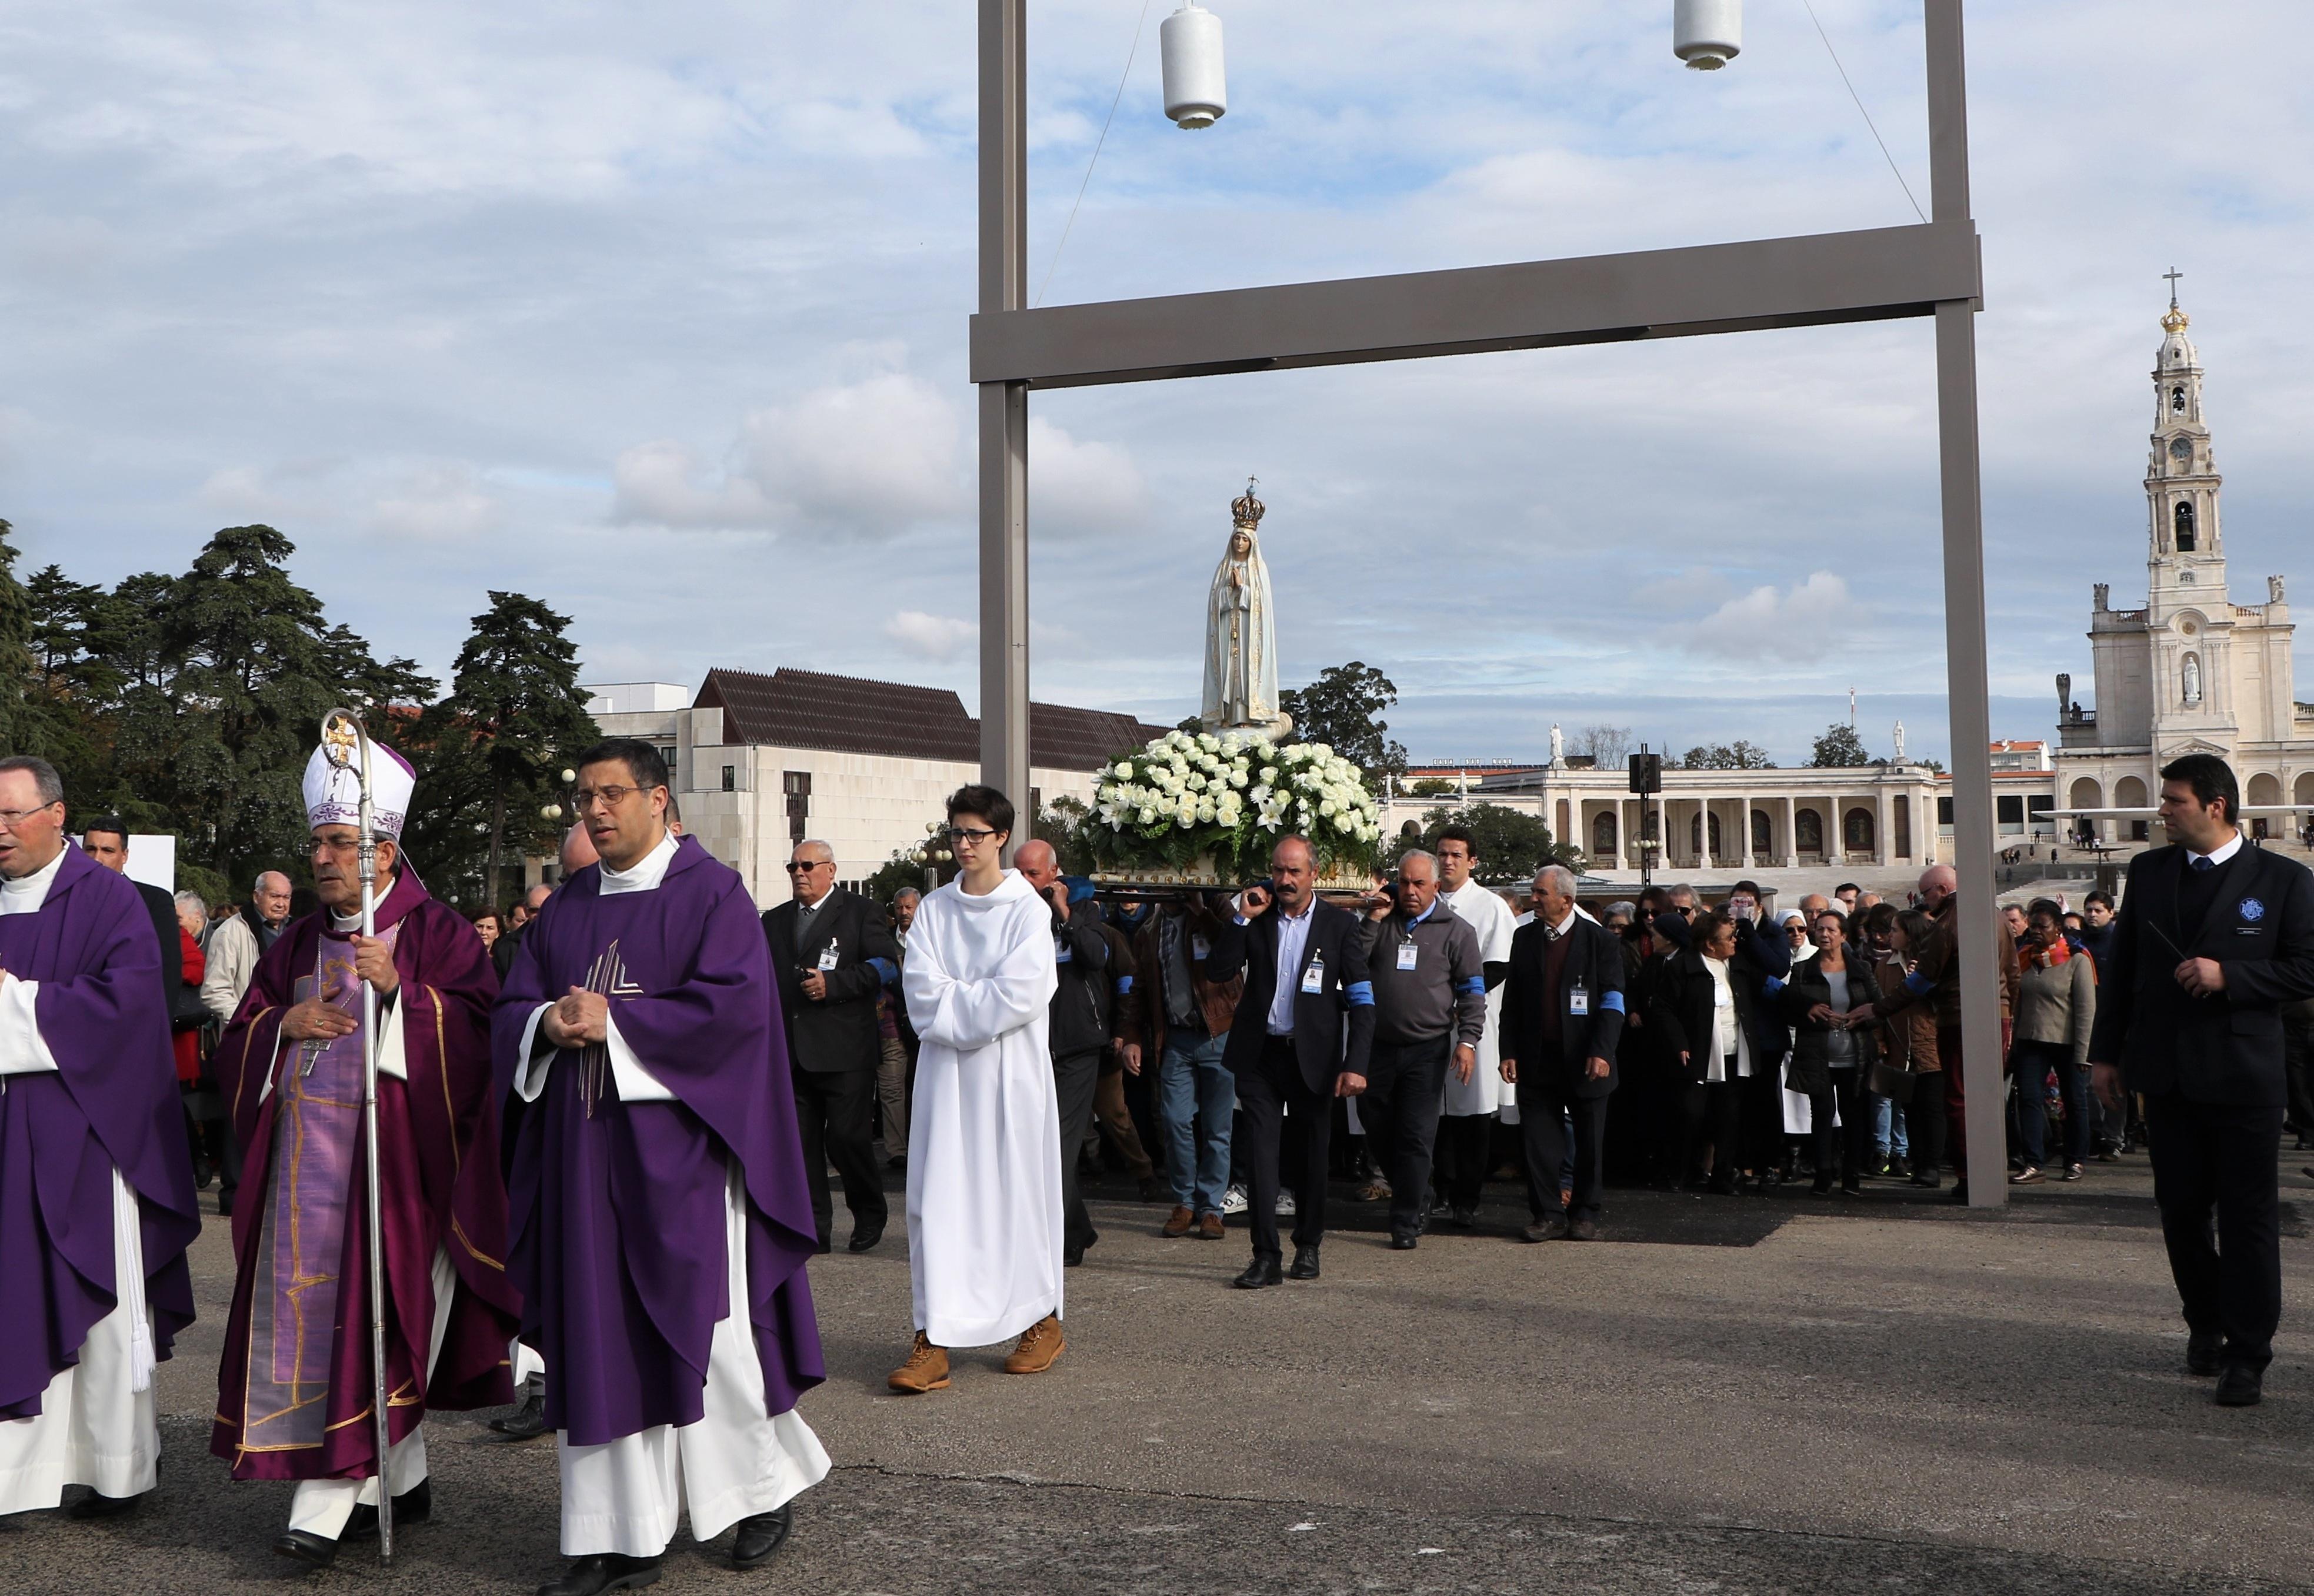 La procesión de la imagen de María pasa por el portal, abriendo el año jubilarLa procesión de la imagen de María pasa por el portal, abriendo el año jubilar